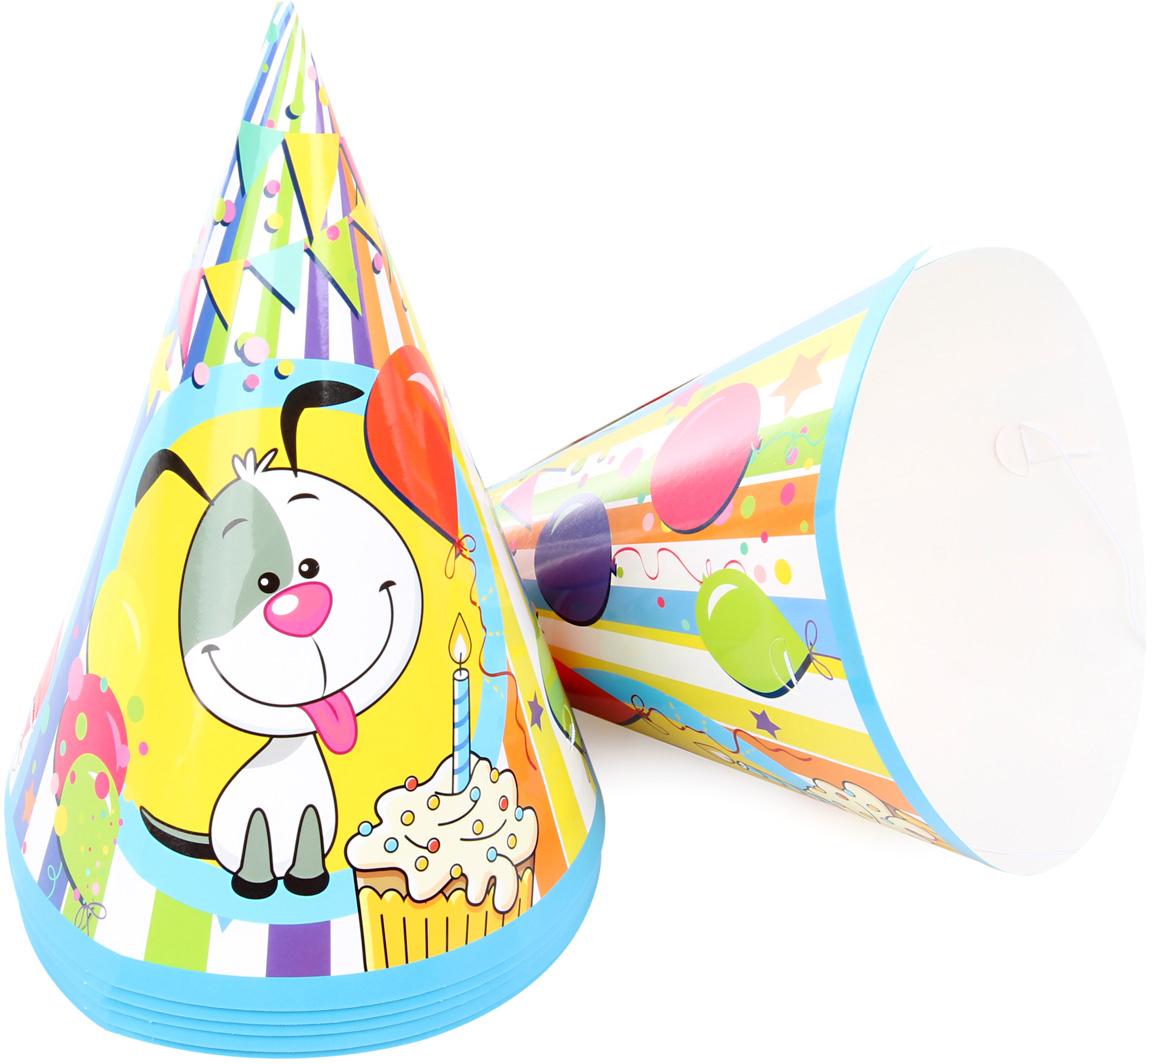 Веселый хоровод Набор колпаков Счастливый Шарик 20 см 6 шт KL63410 -  Колпаки и шляпы